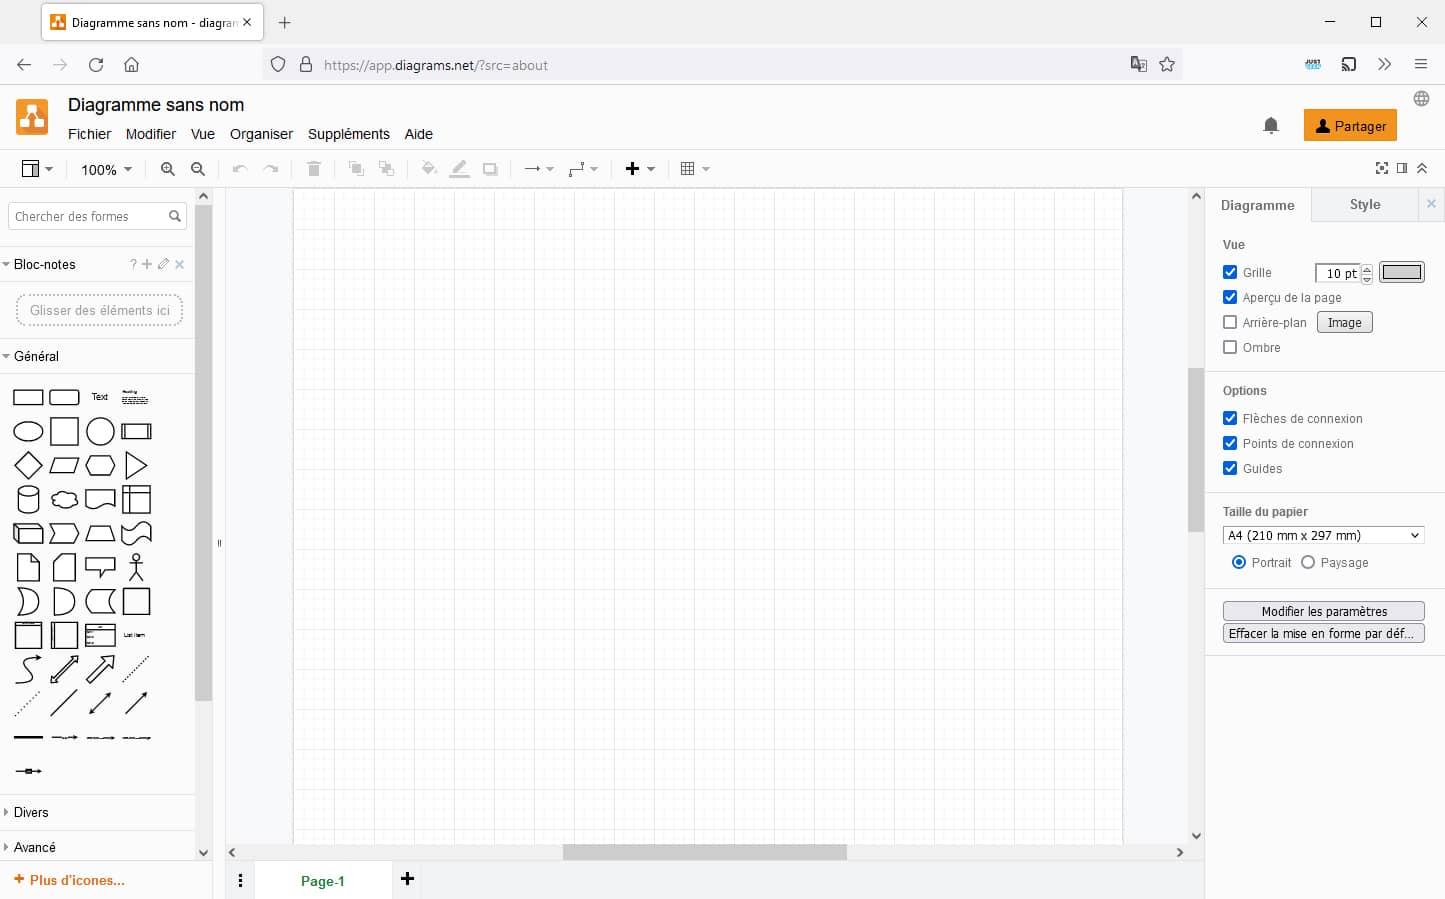 Interface de l'outil en ligne pour créer vos diagrammes, schémas et organigrammes